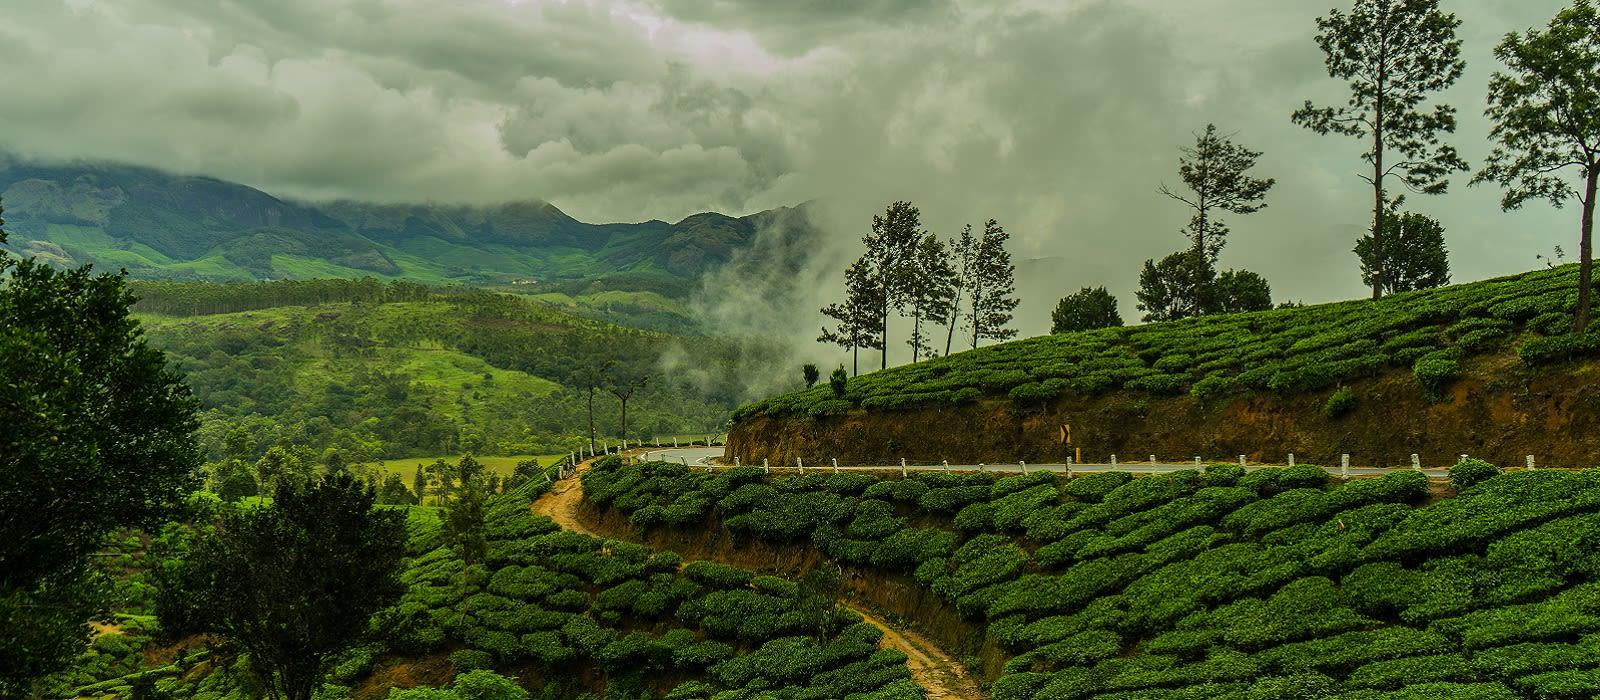 Klassische Reise nach Kerala: Backwaters und wilde Natur Urlaub 5